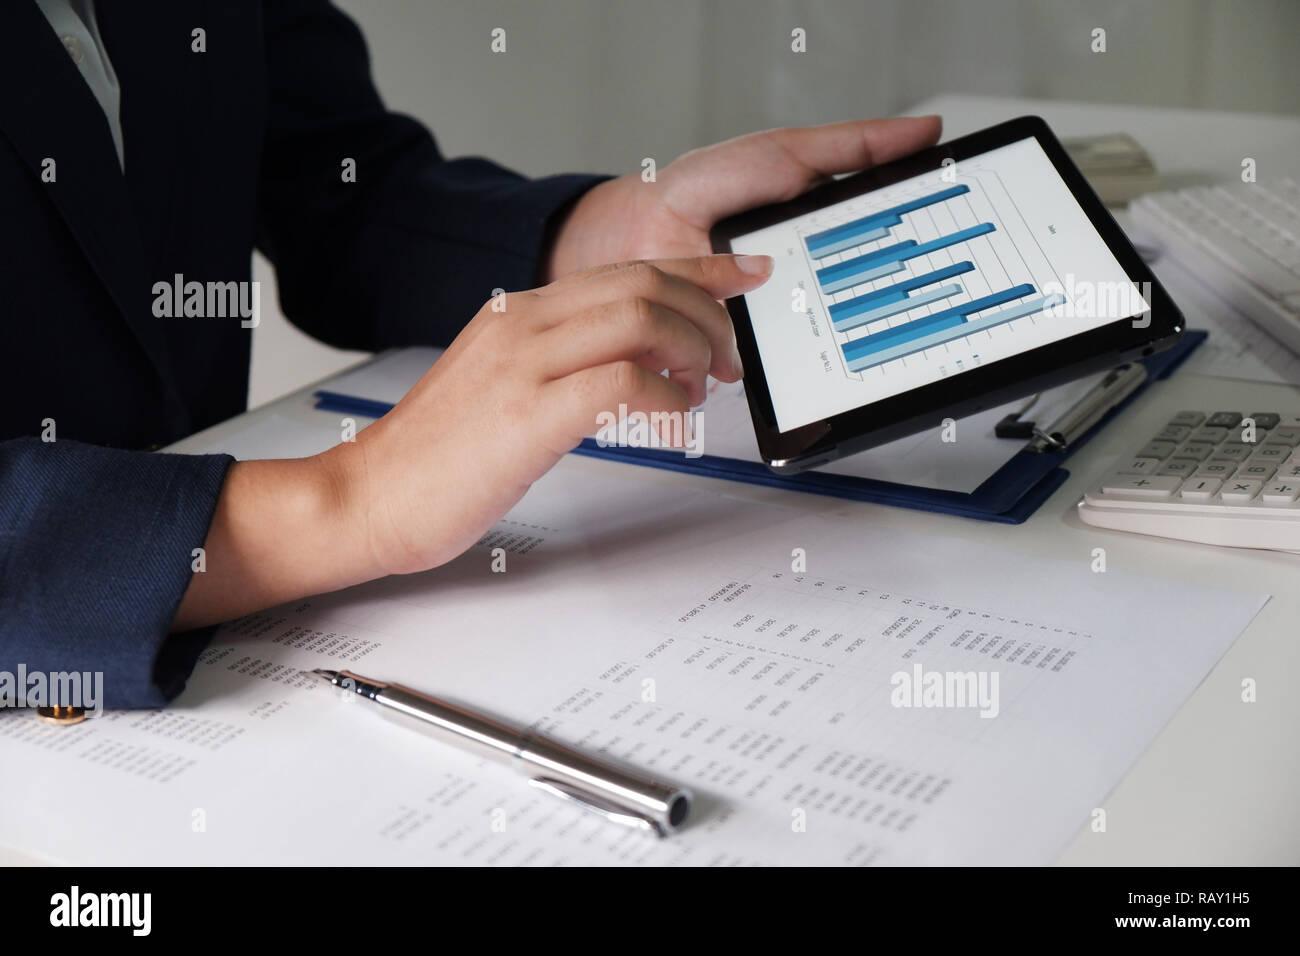 Les femmes travaillant dans le bureau. L'analyse financière avec les graphiques de pad pour l'entreprise, comptabilité, assurances et finances concept Banque D'Images